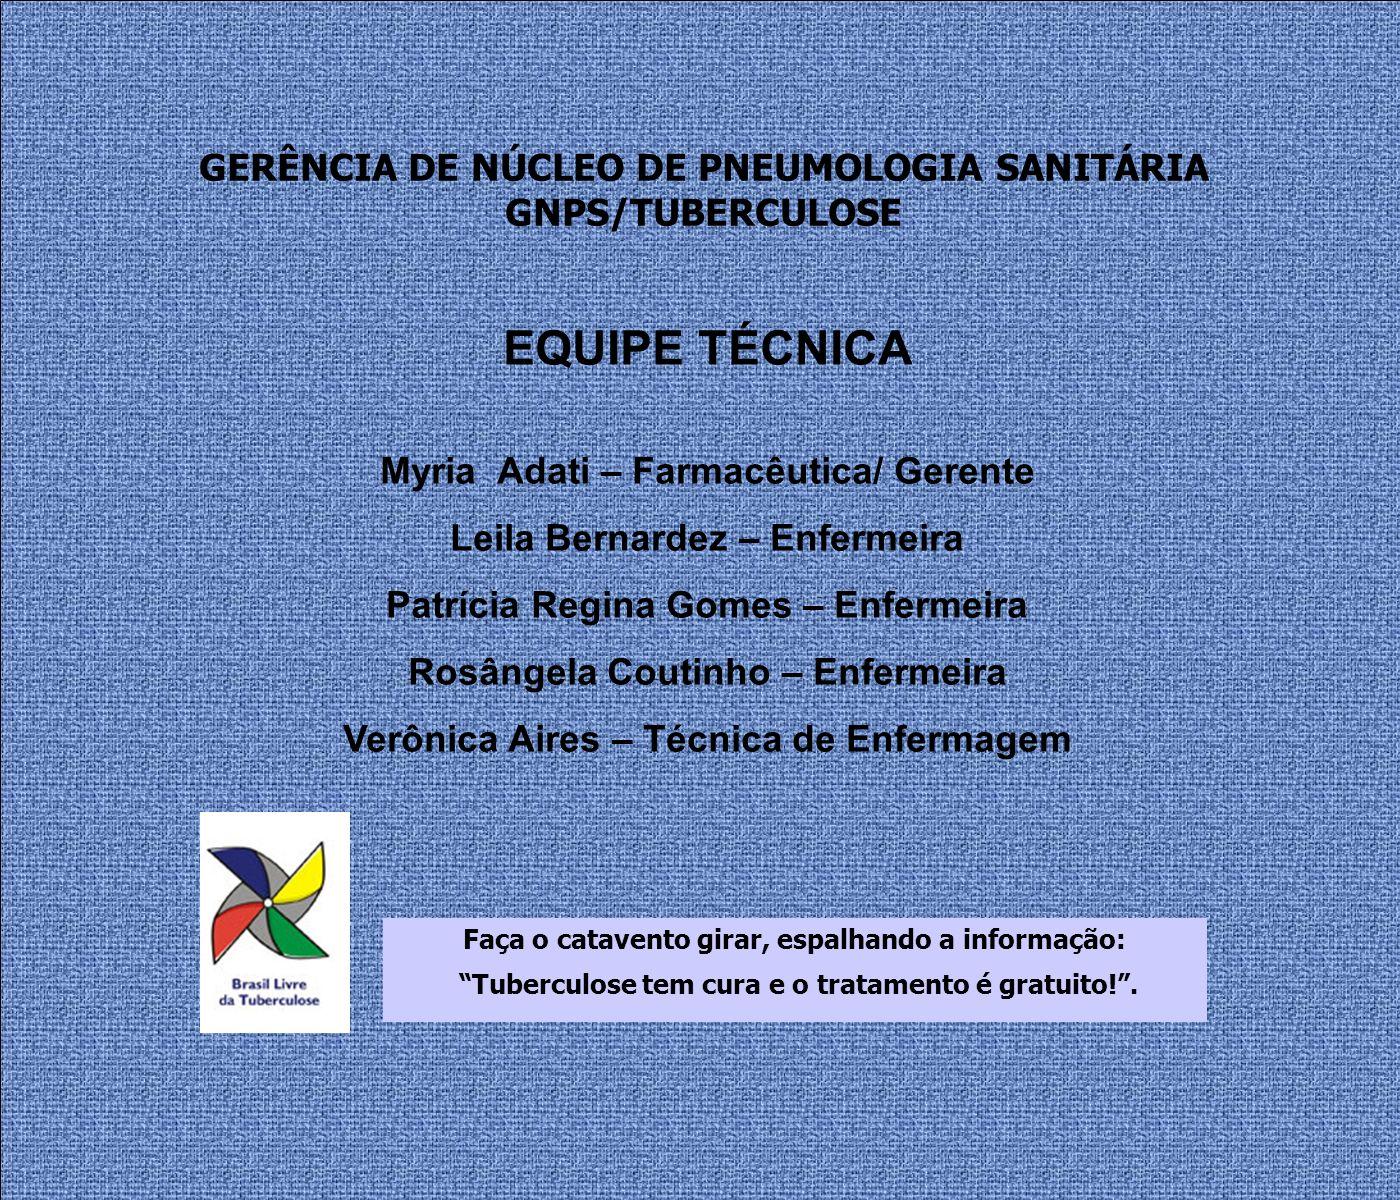 GERÊNCIA DE NÚCLEO DE PNEUMOLOGIA SANITÁRIA GNPS/TUBERCULOSE EQUIPE TÉCNICA Myria Adati – Farmacêutica/ Gerente Leila Bernardez – Enfermeira Patrícia Regina Gomes – Enfermeira Rosângela Coutinho – Enfermeira Verônica Aires – Técnica de Enfermagem Faça o catavento girar, espalhando a informação: Tuberculose tem cura e o tratamento é gratuito!.